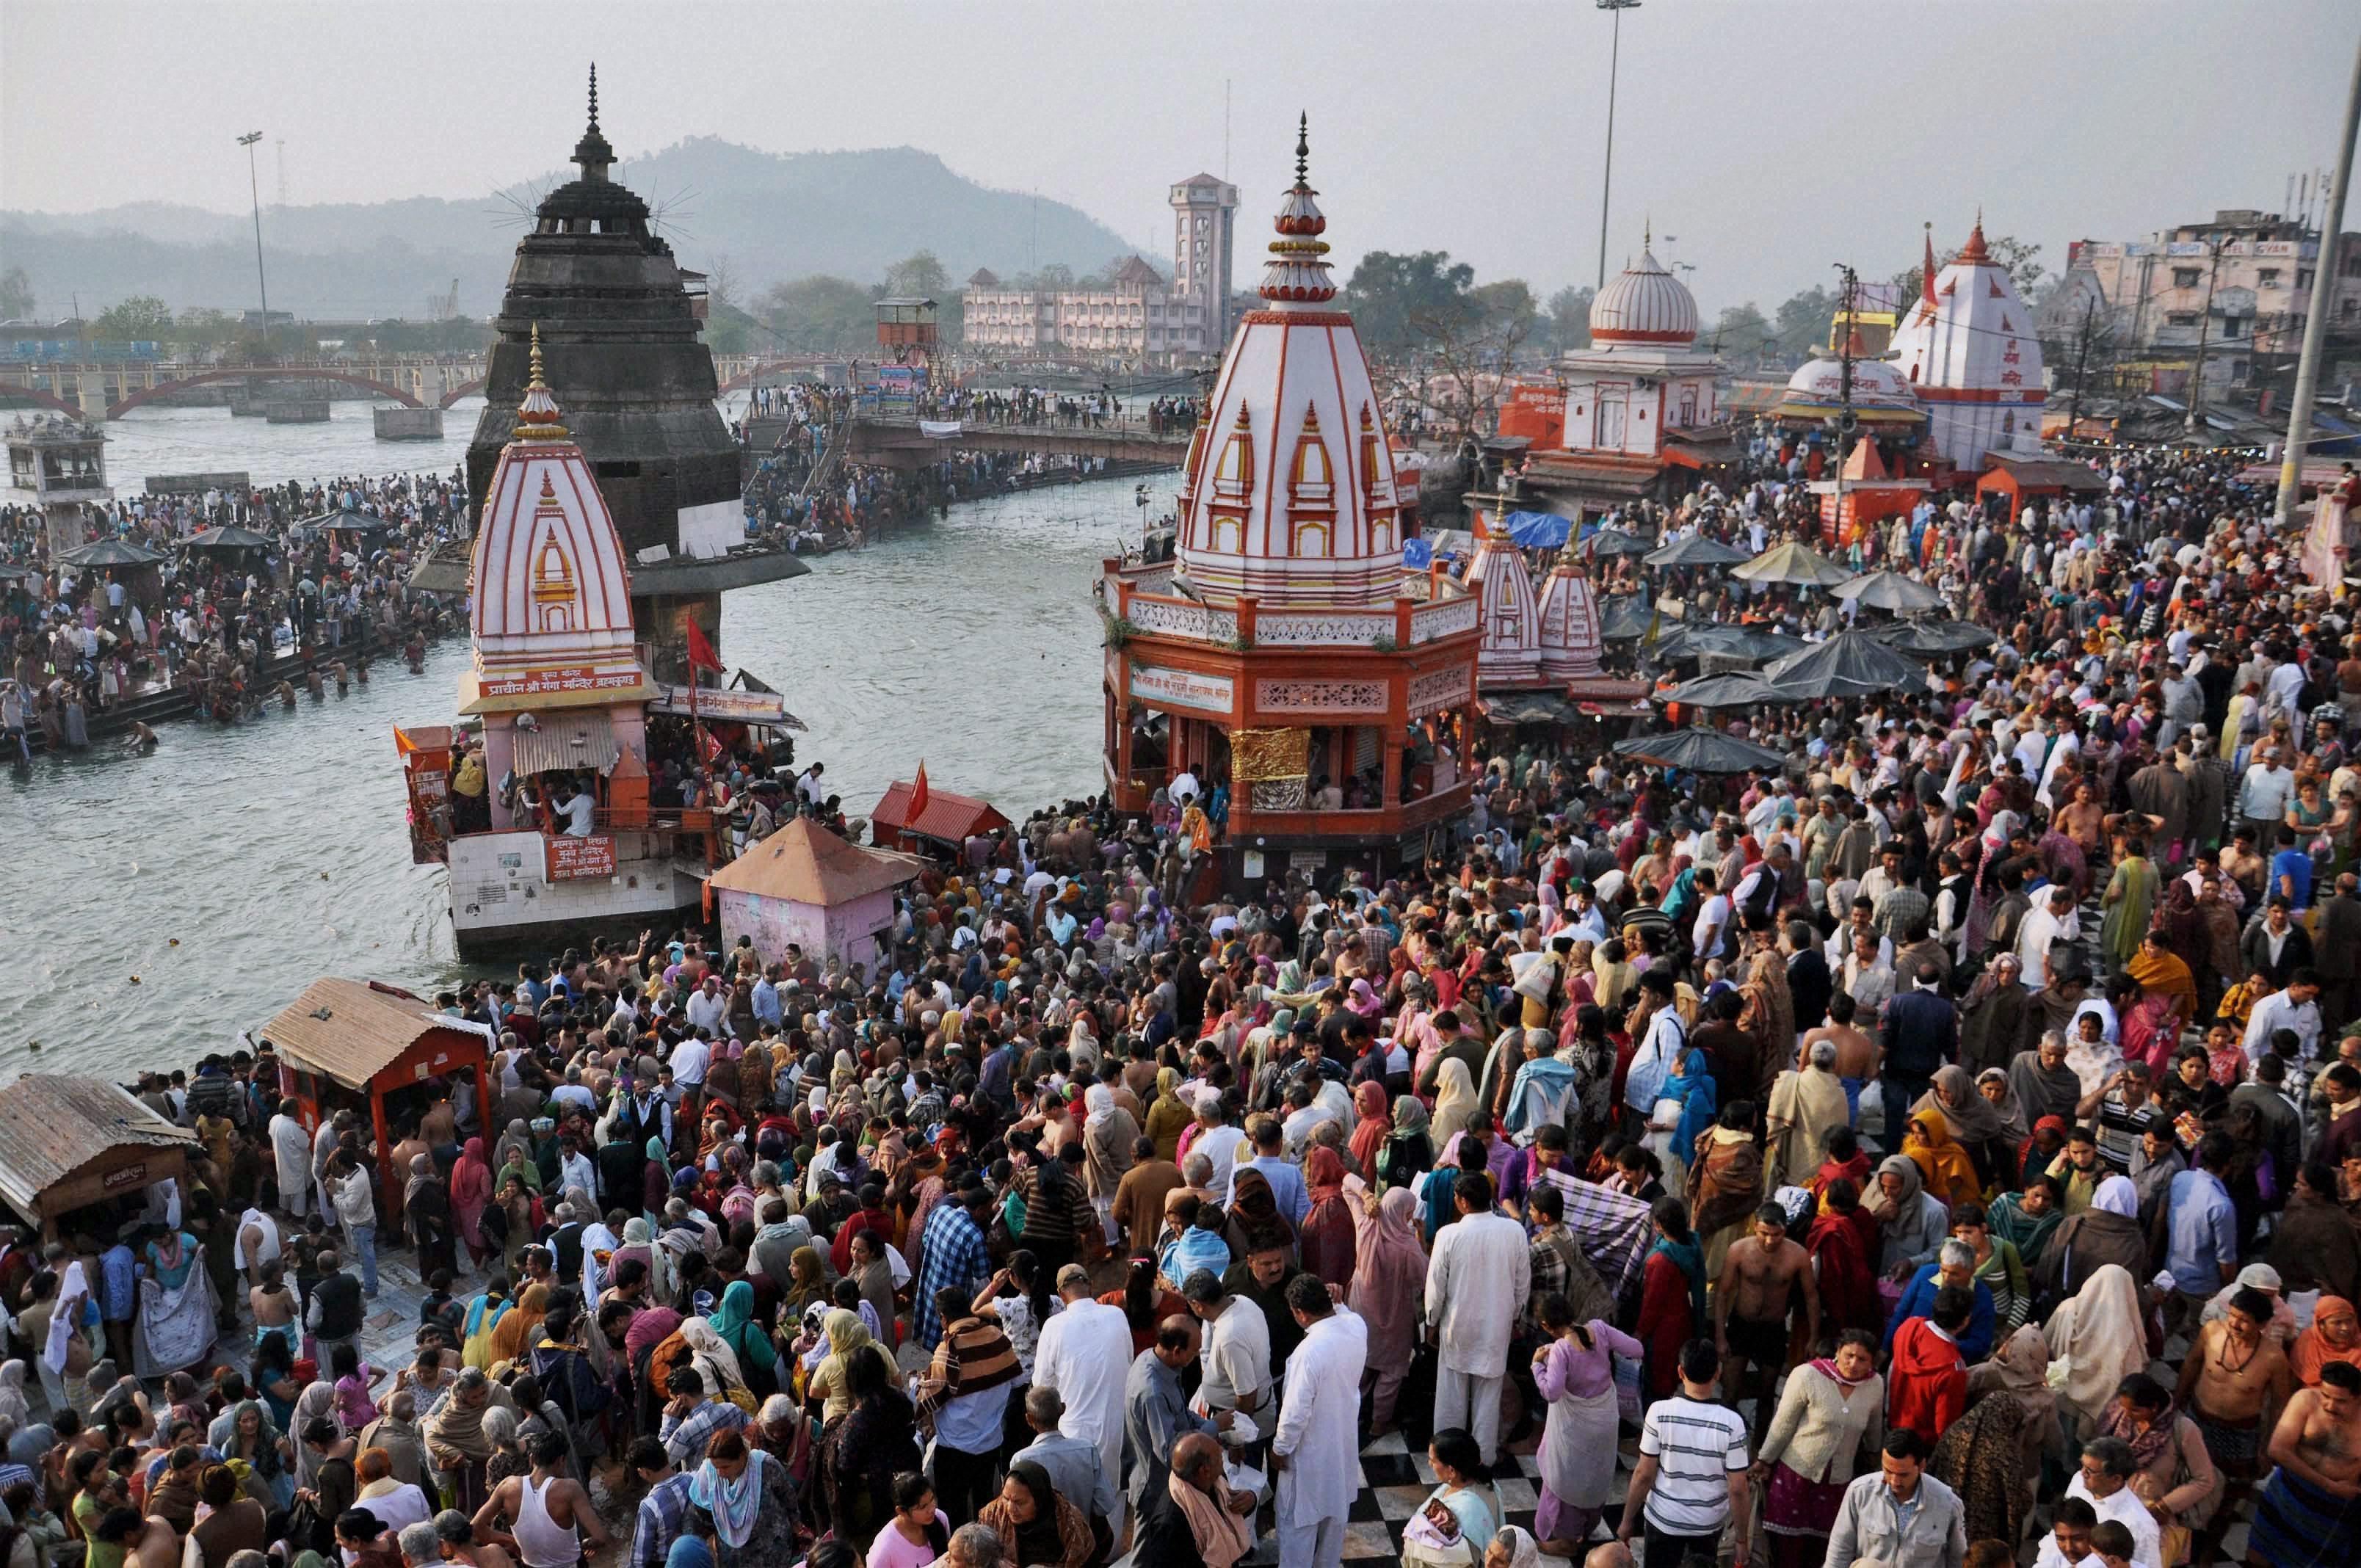 Maha Shivratri in Haridwar